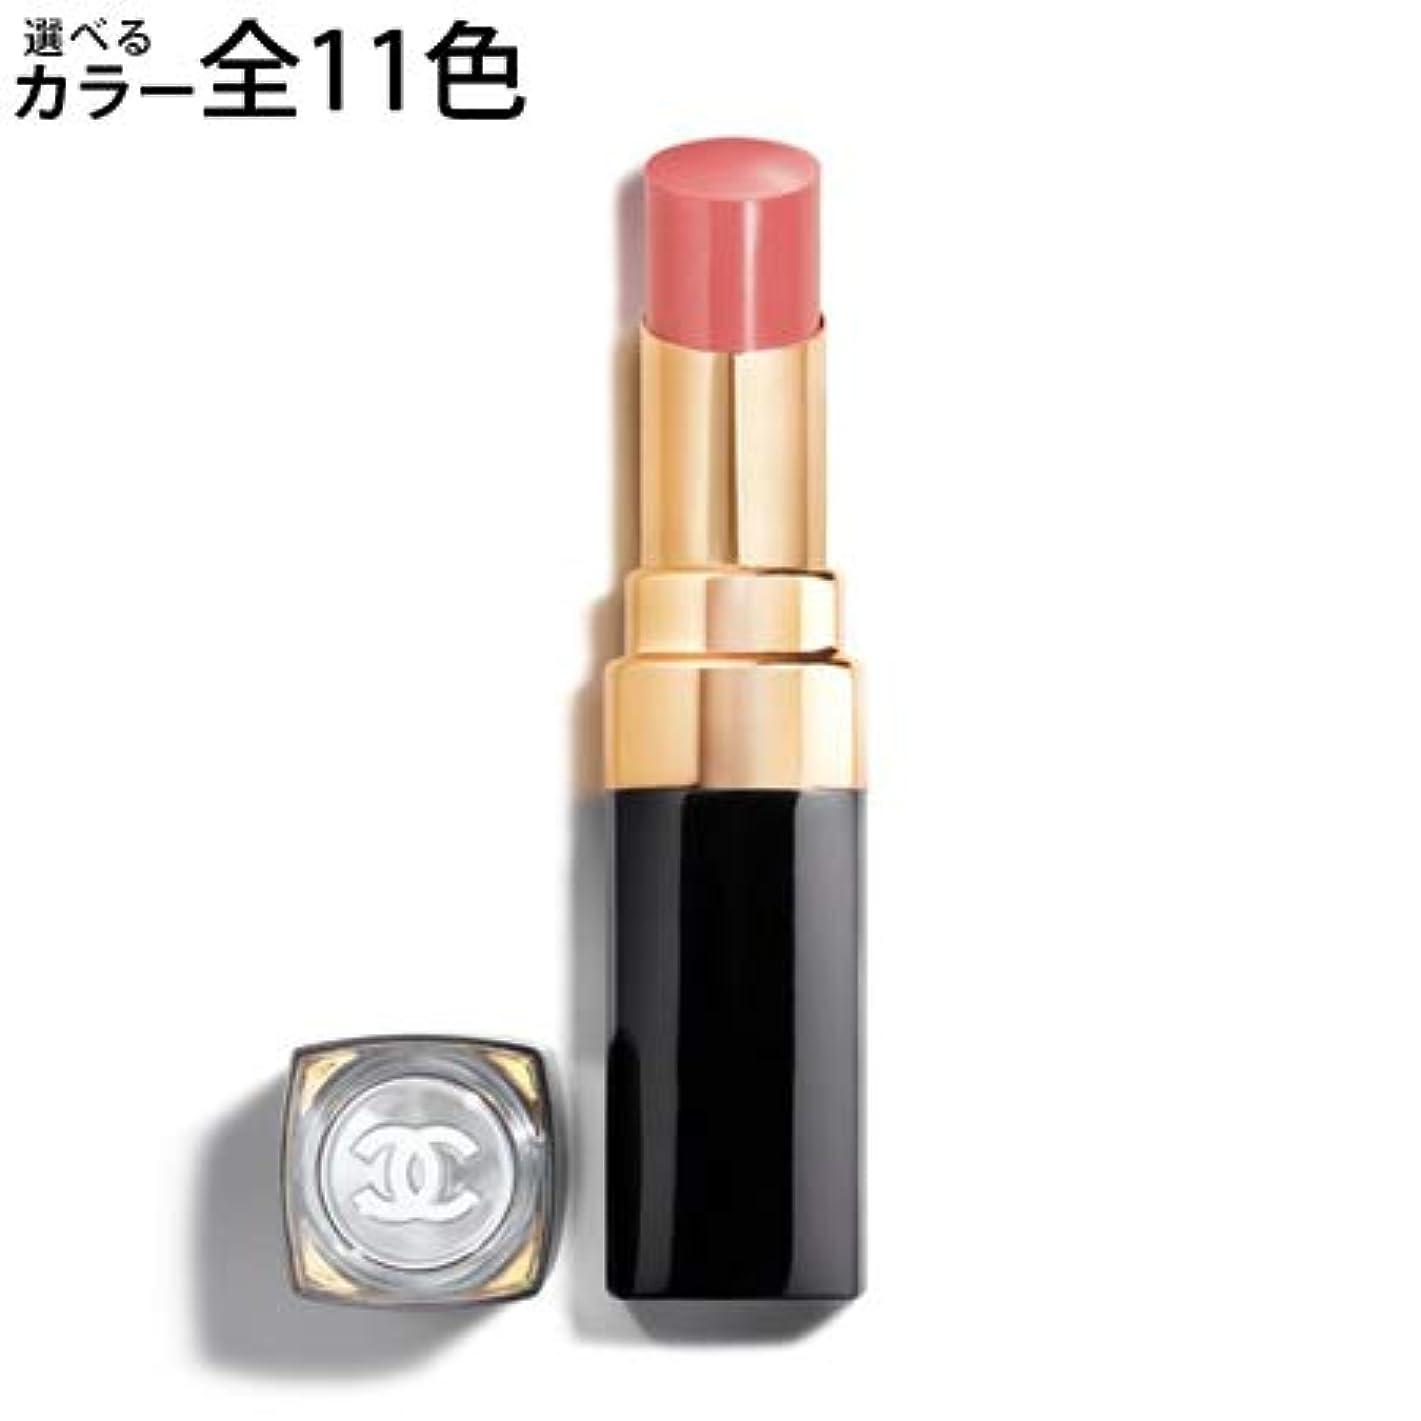 ピーク涙傾くシャネル ルージュ ココ フラッシュ 選べる11色 -CHANEL- 90ジュール